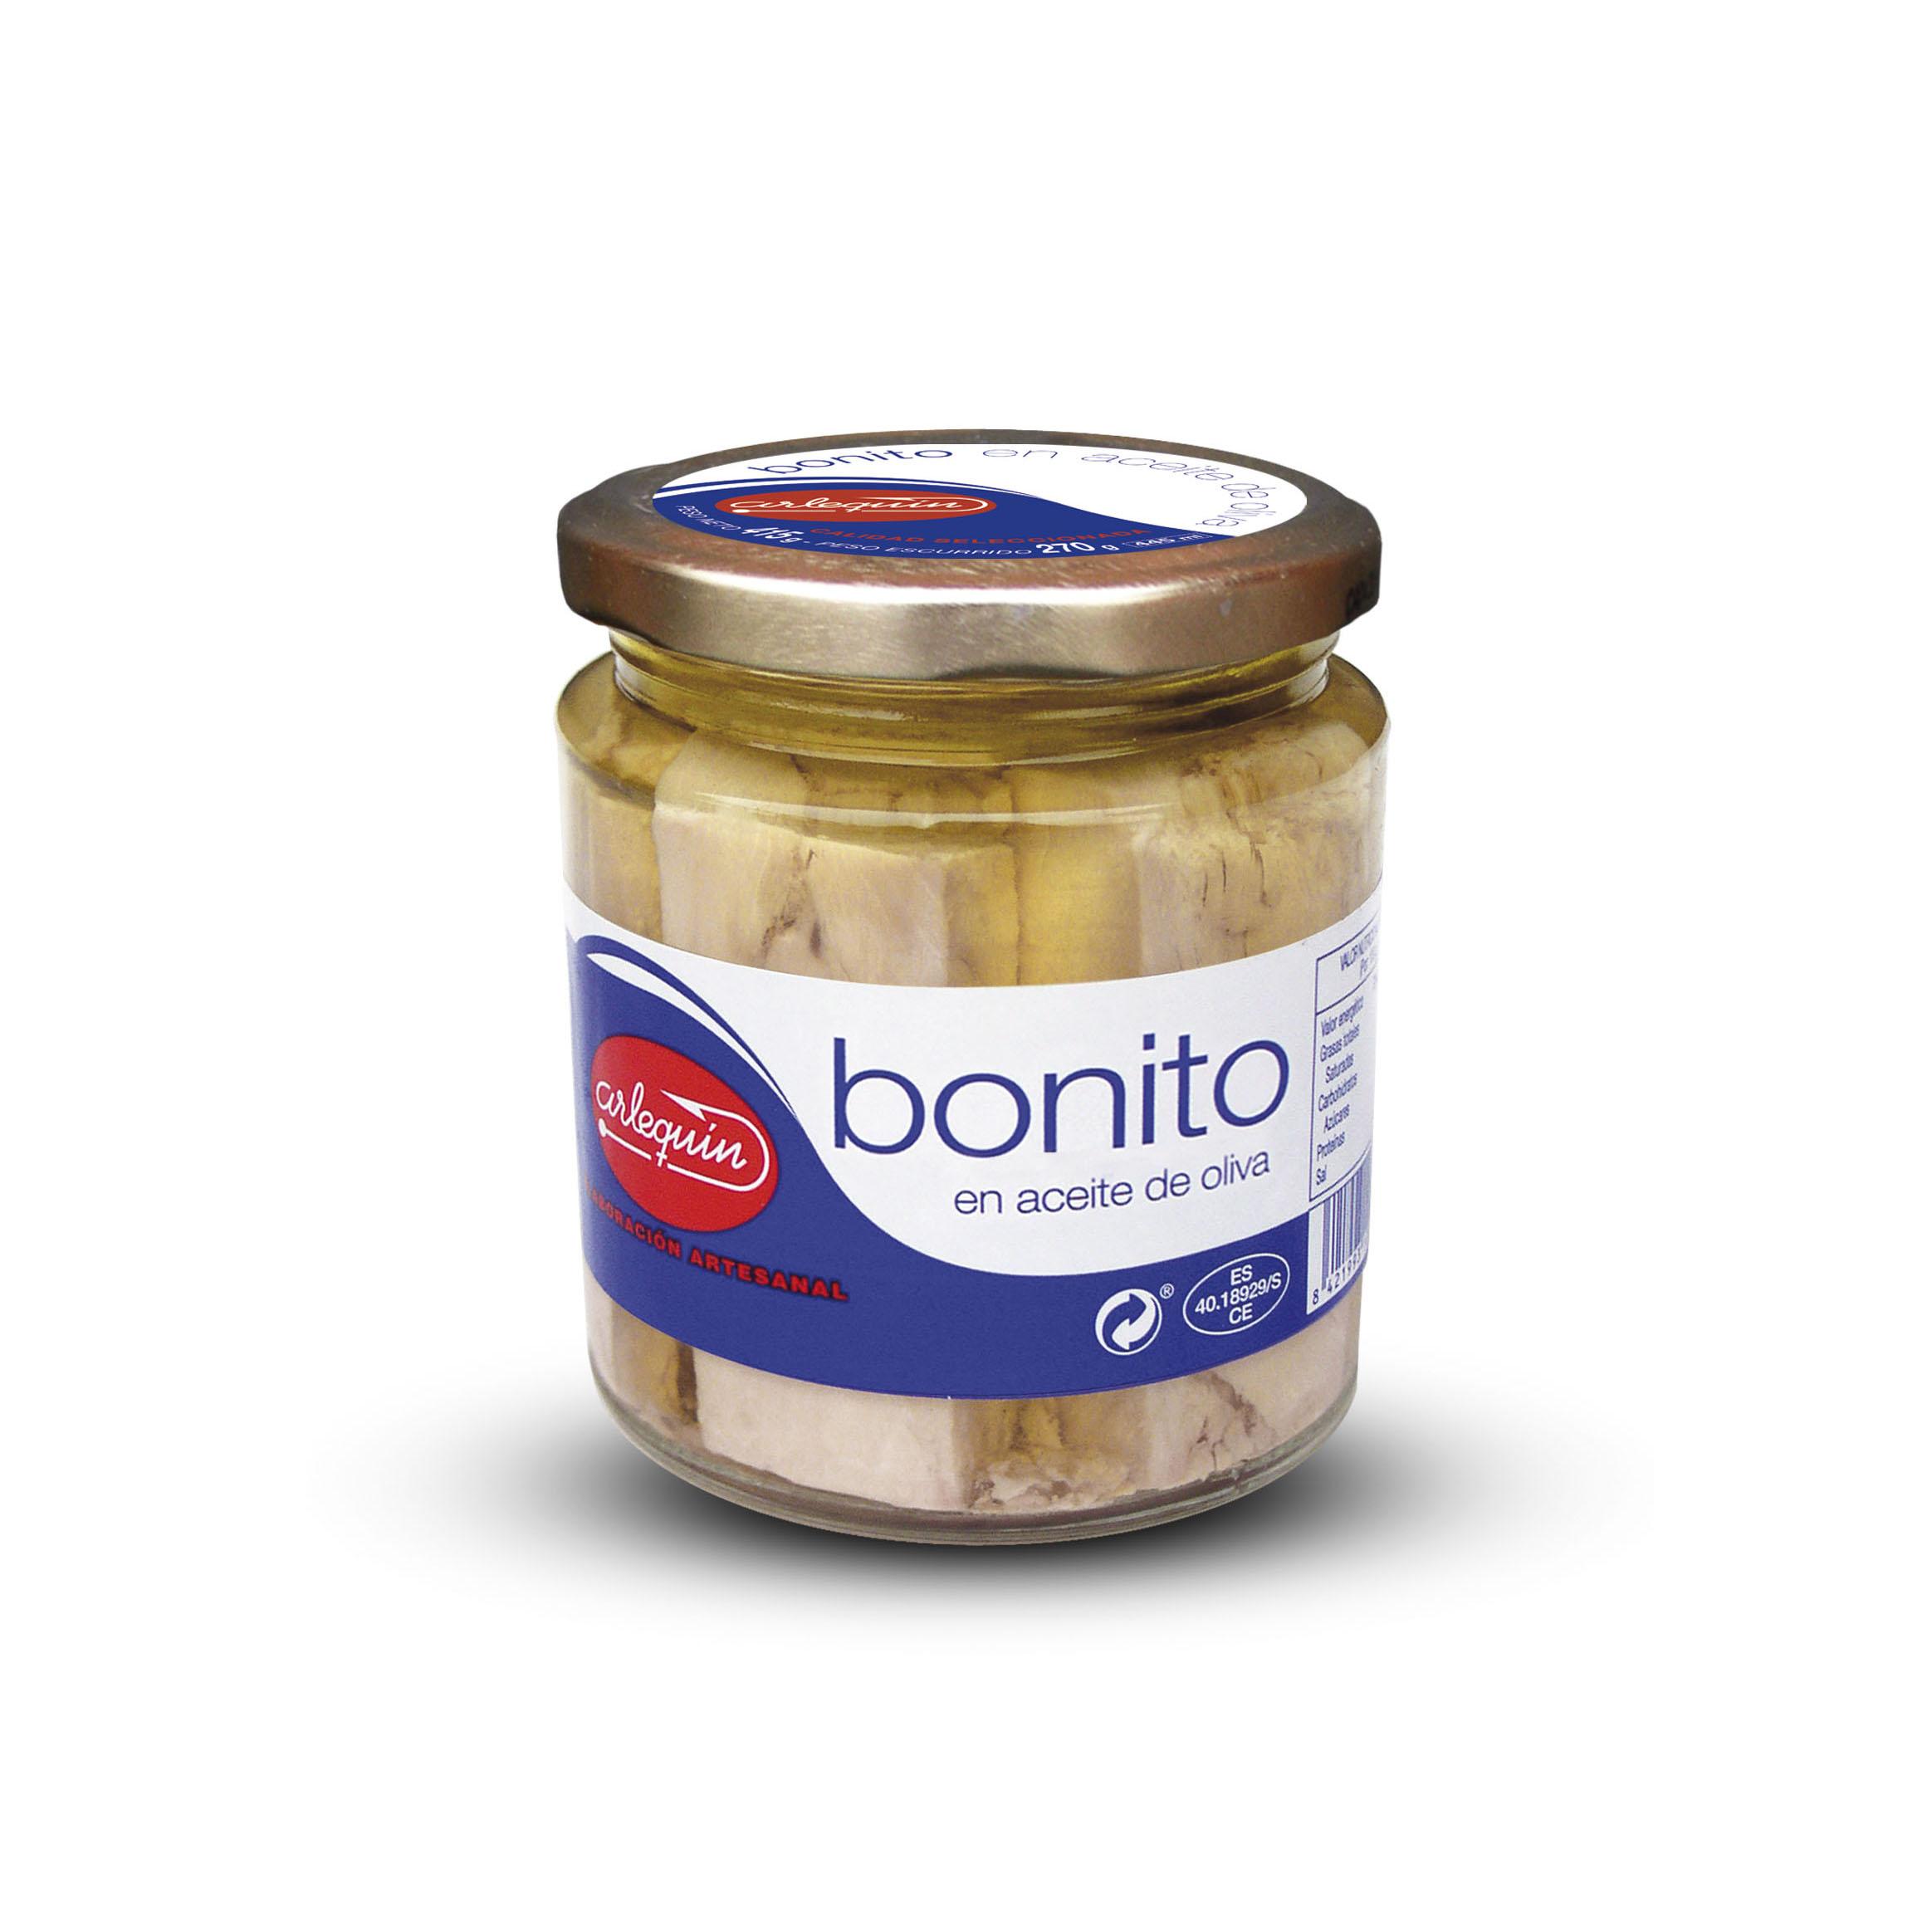 Bonito - Conservas Arlequín